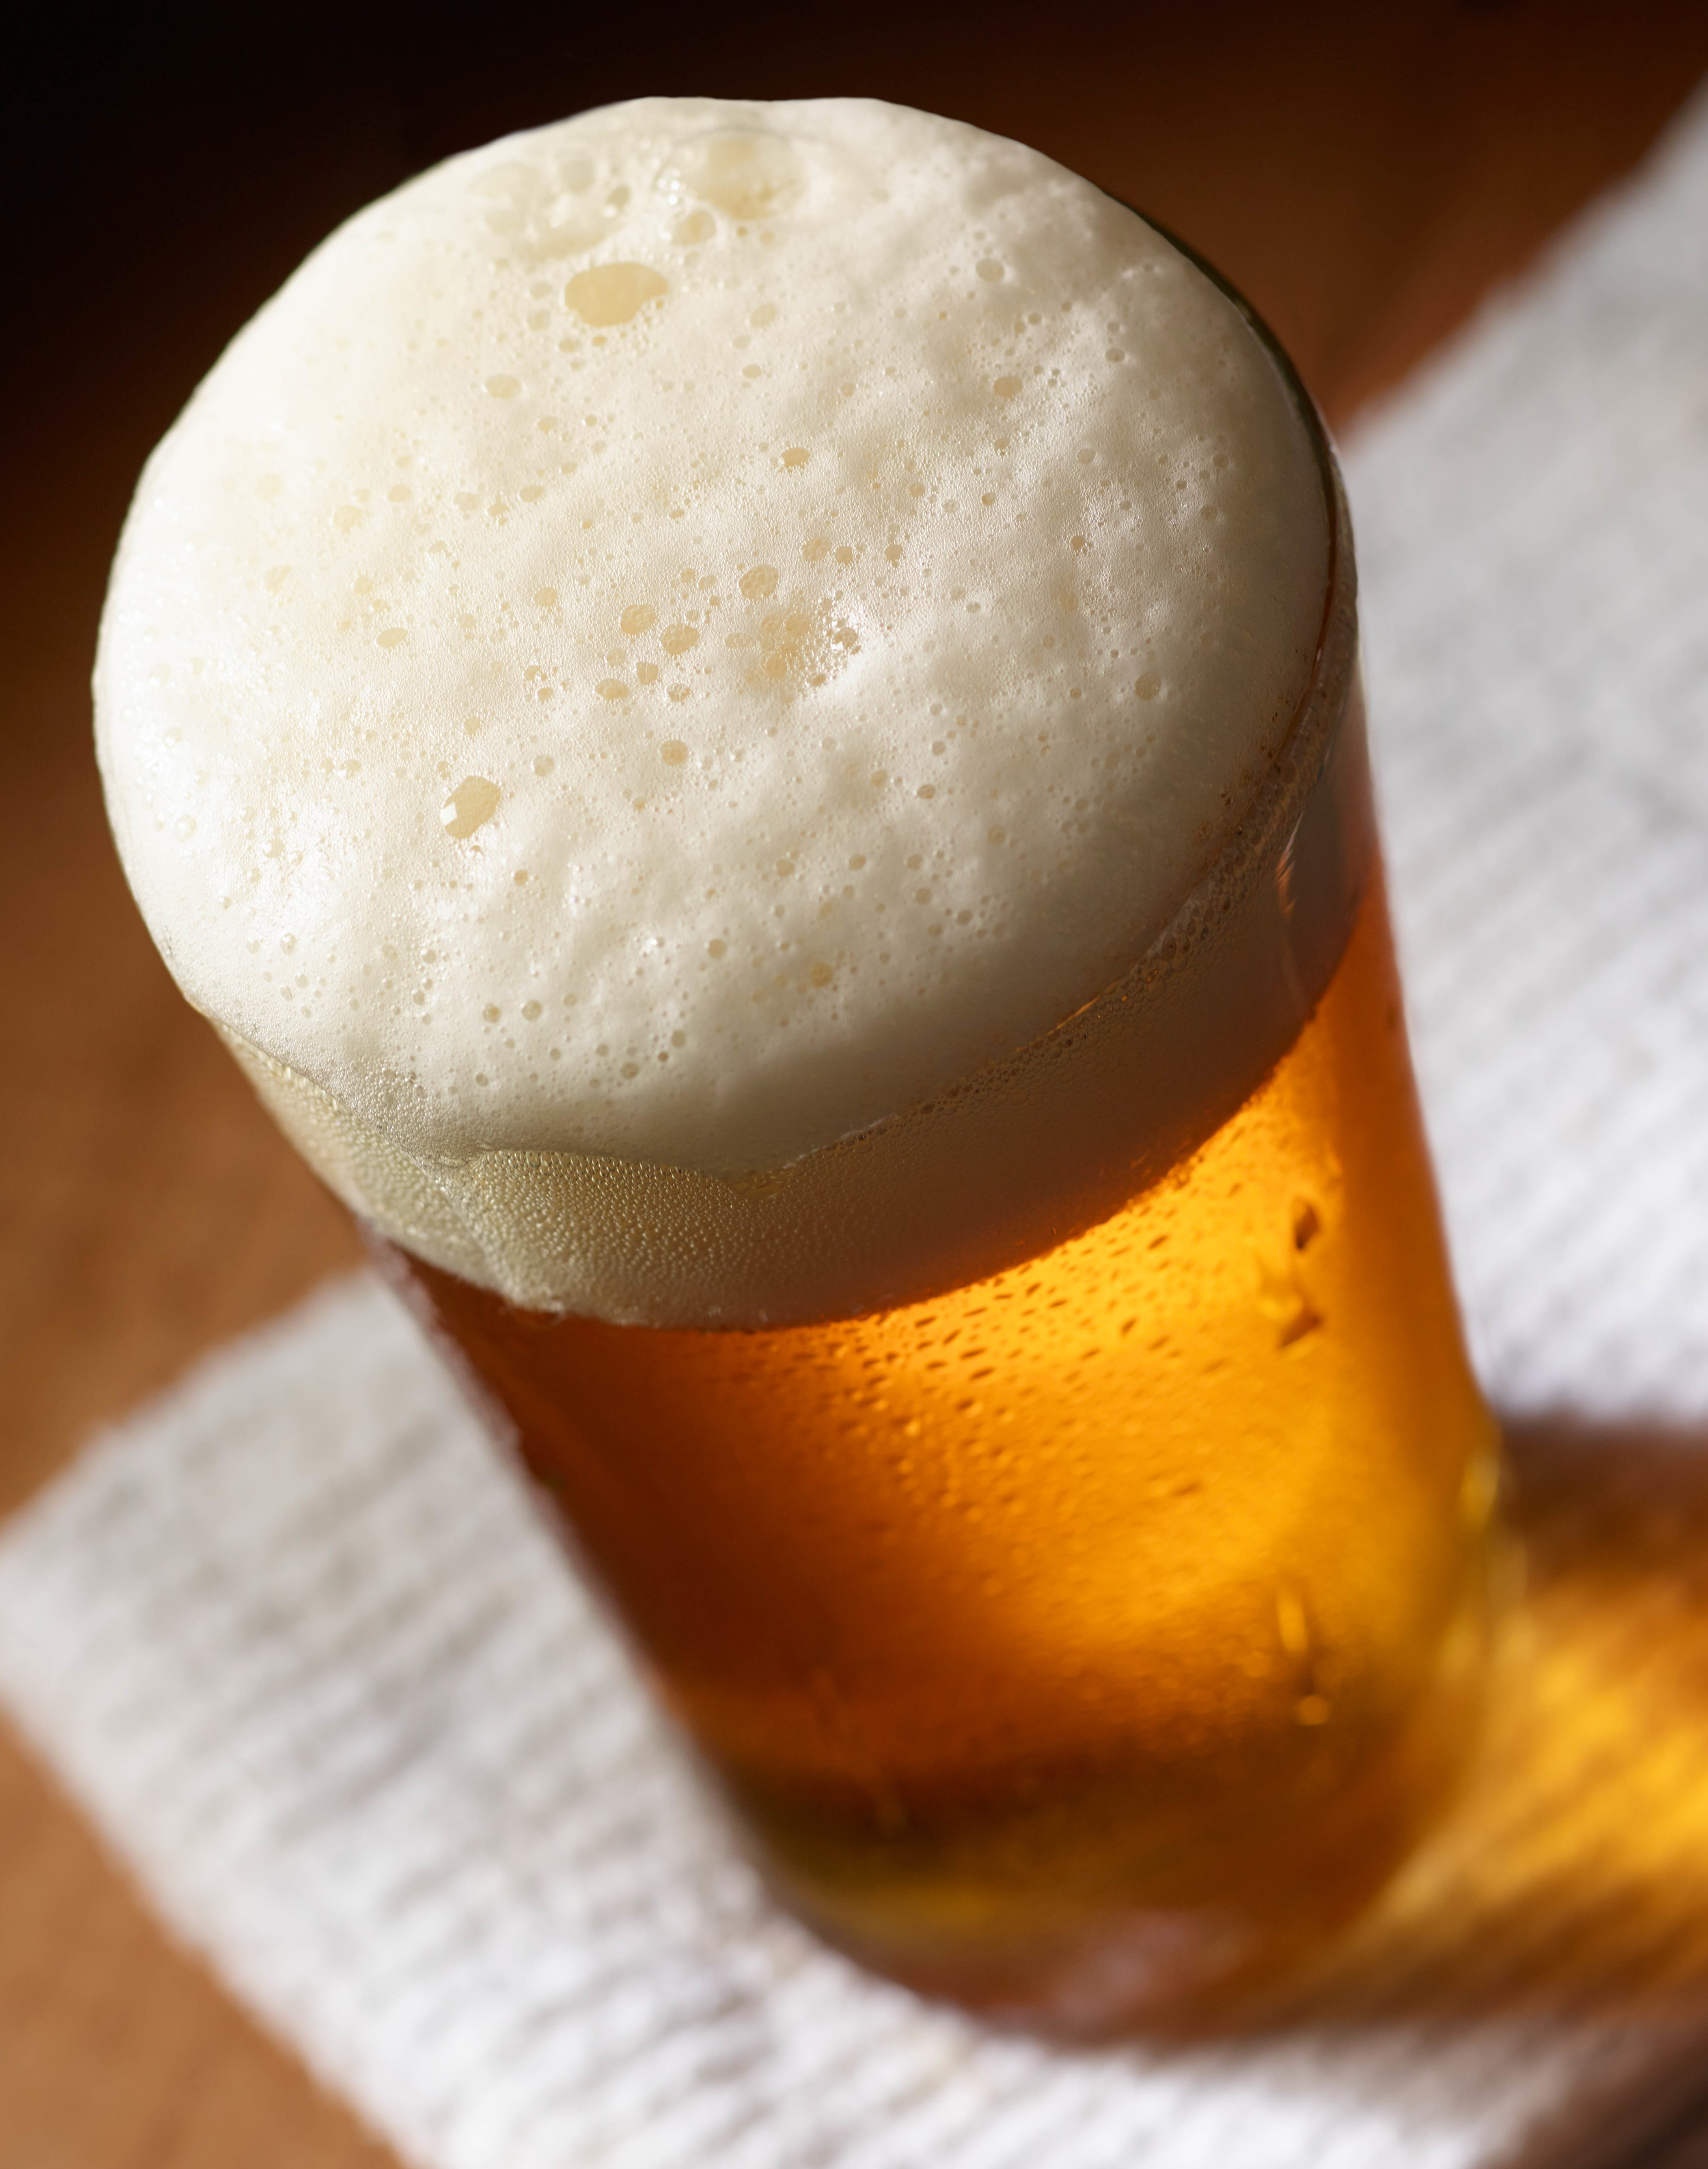 Beer_v2 cropped.jpg